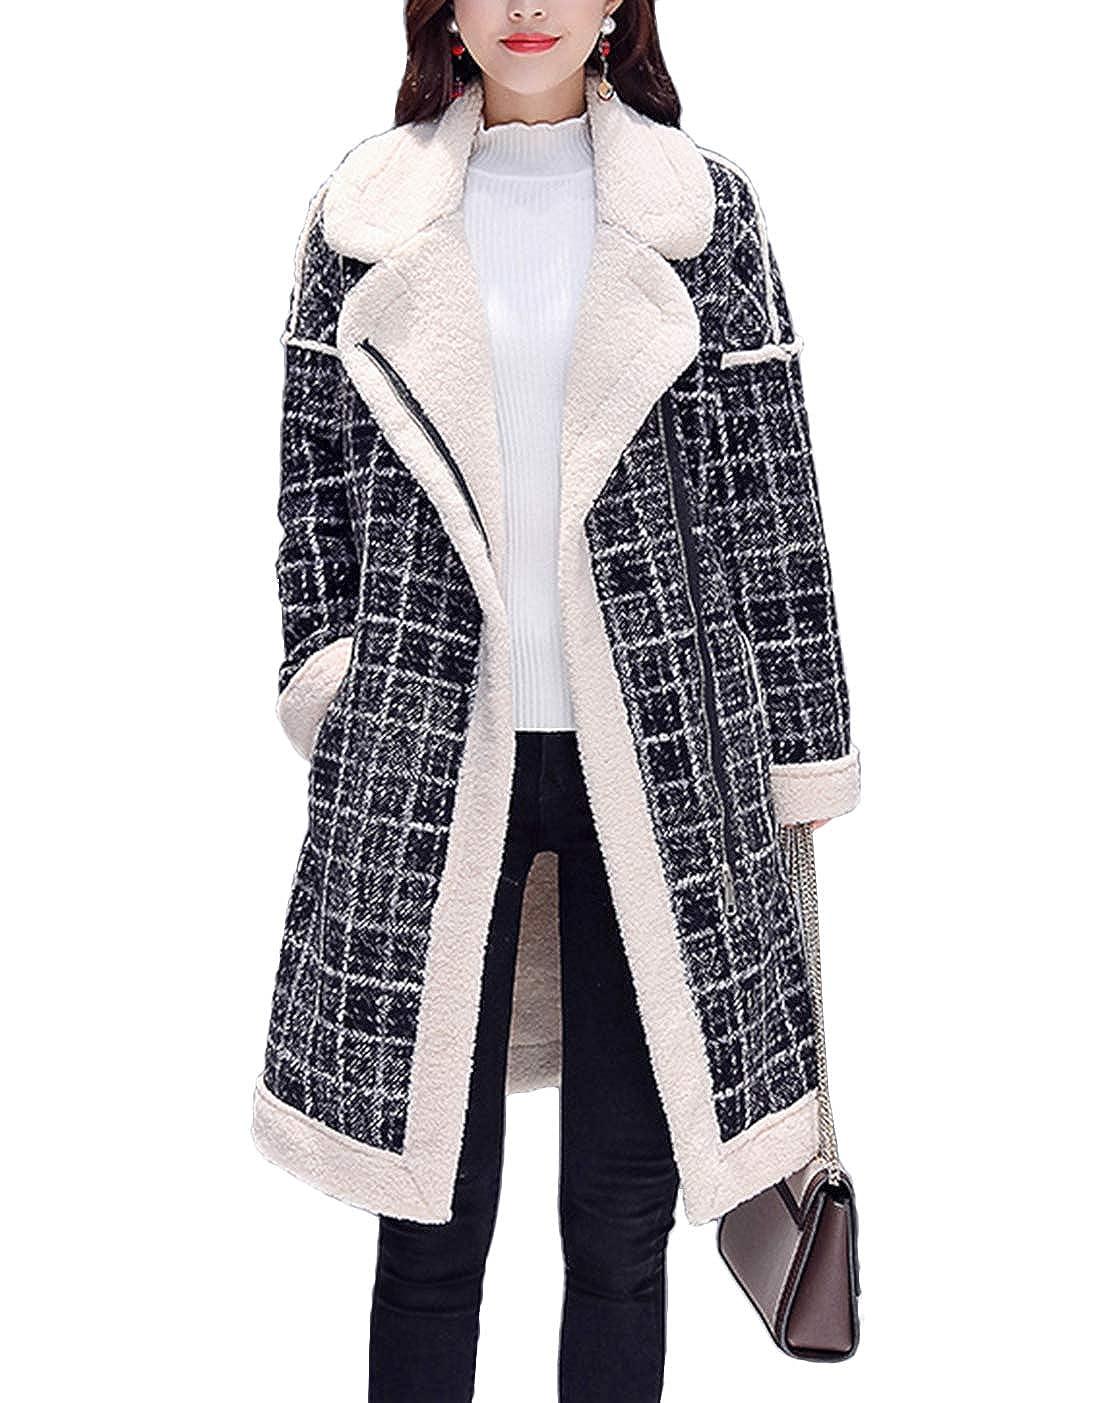 Black White Yeokou Women's Winter Sherpa Lined Zipper Mid Long Plaid Coat Windbreaker